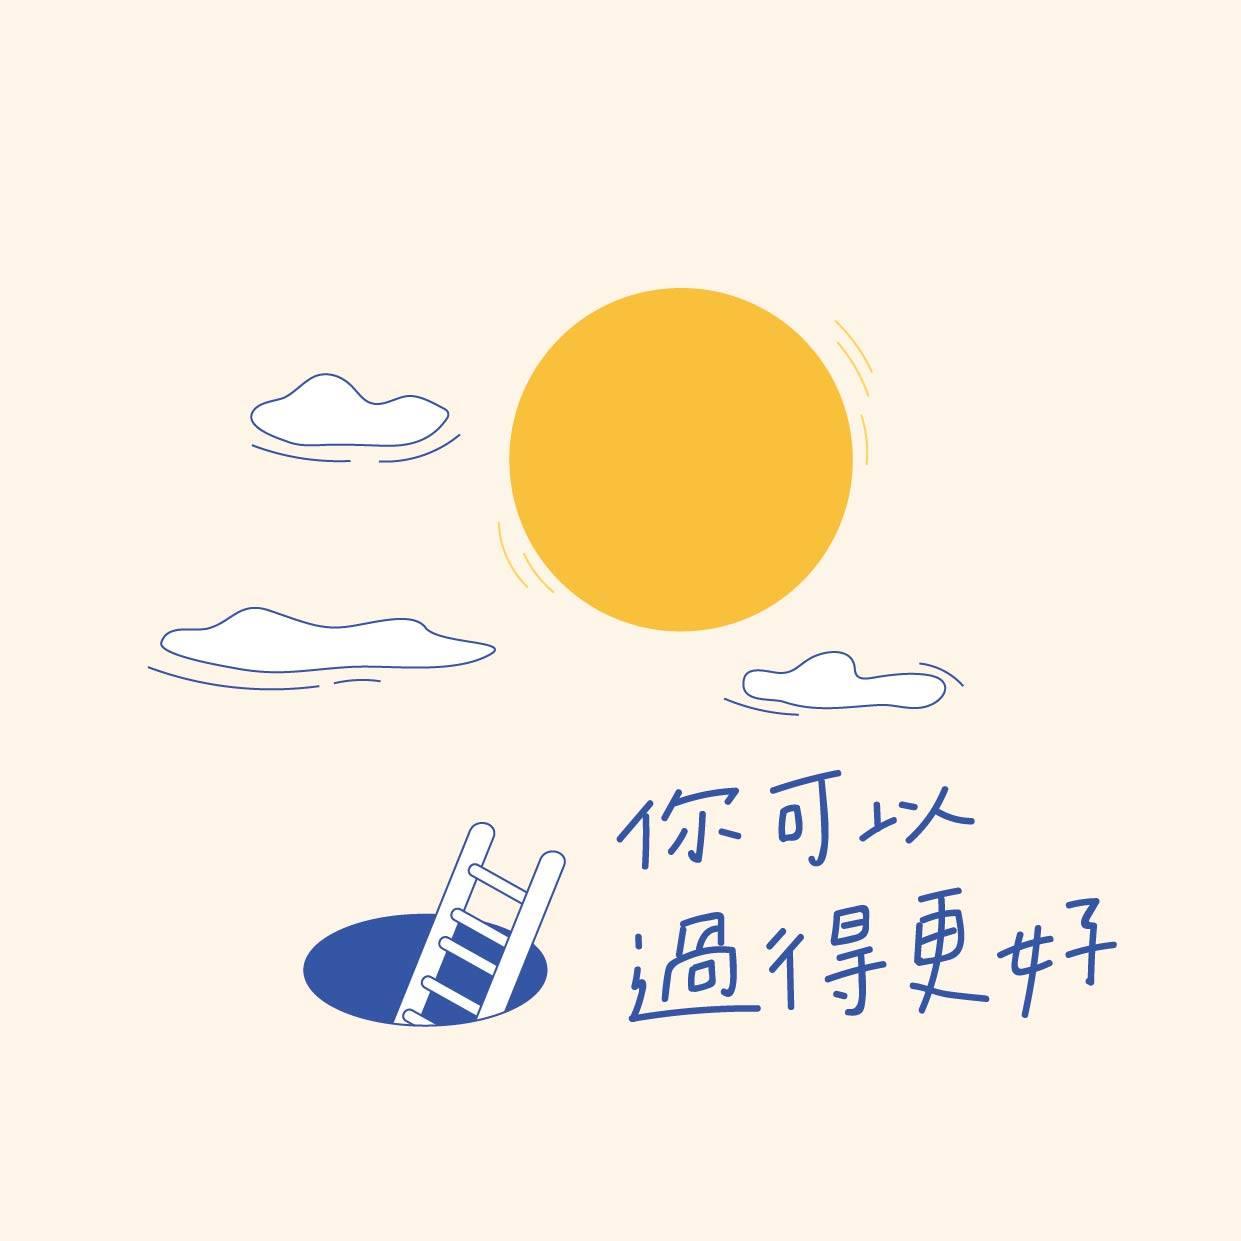 《你可以過得更好》EP12 讀法律真的可以救人嗎--專訪朱天成弟兄